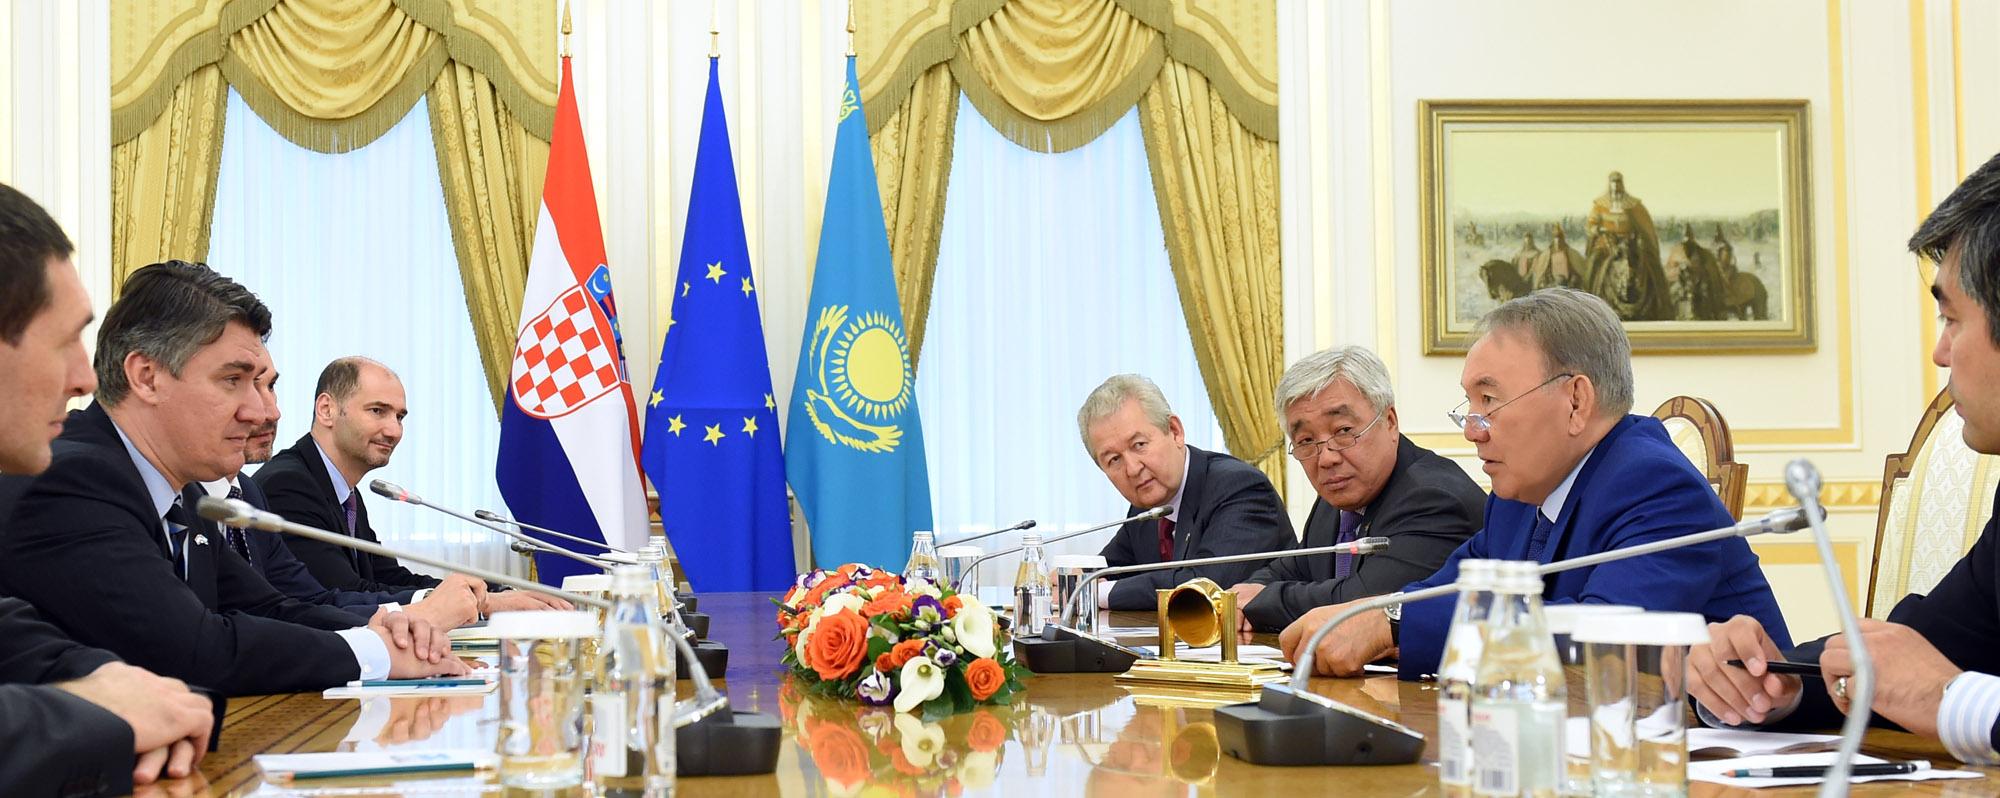 Нурсултан Назарбаев и Премьер - Министр Хорватии обсудили вопросы активизации торгово - экономических отношений